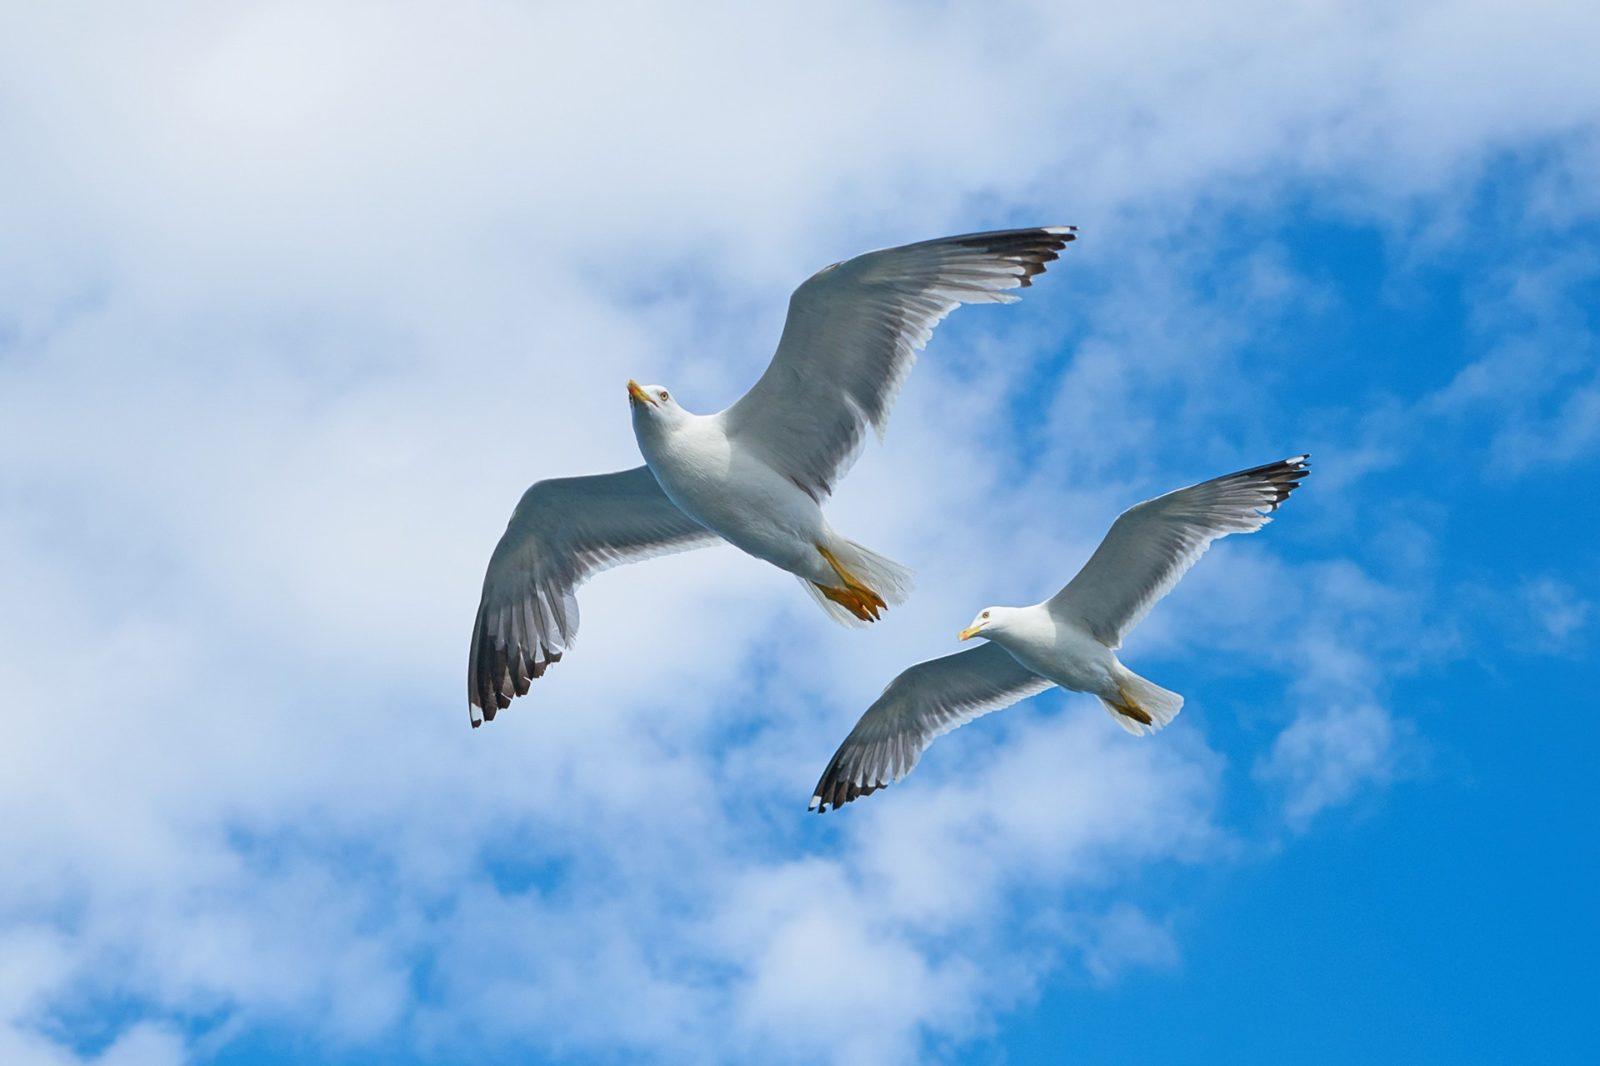 O albatroz é uma ave de bico grande, forte e de diferentes cores e plumagem, que varia entre o branco, o negro azulado e o pardo.